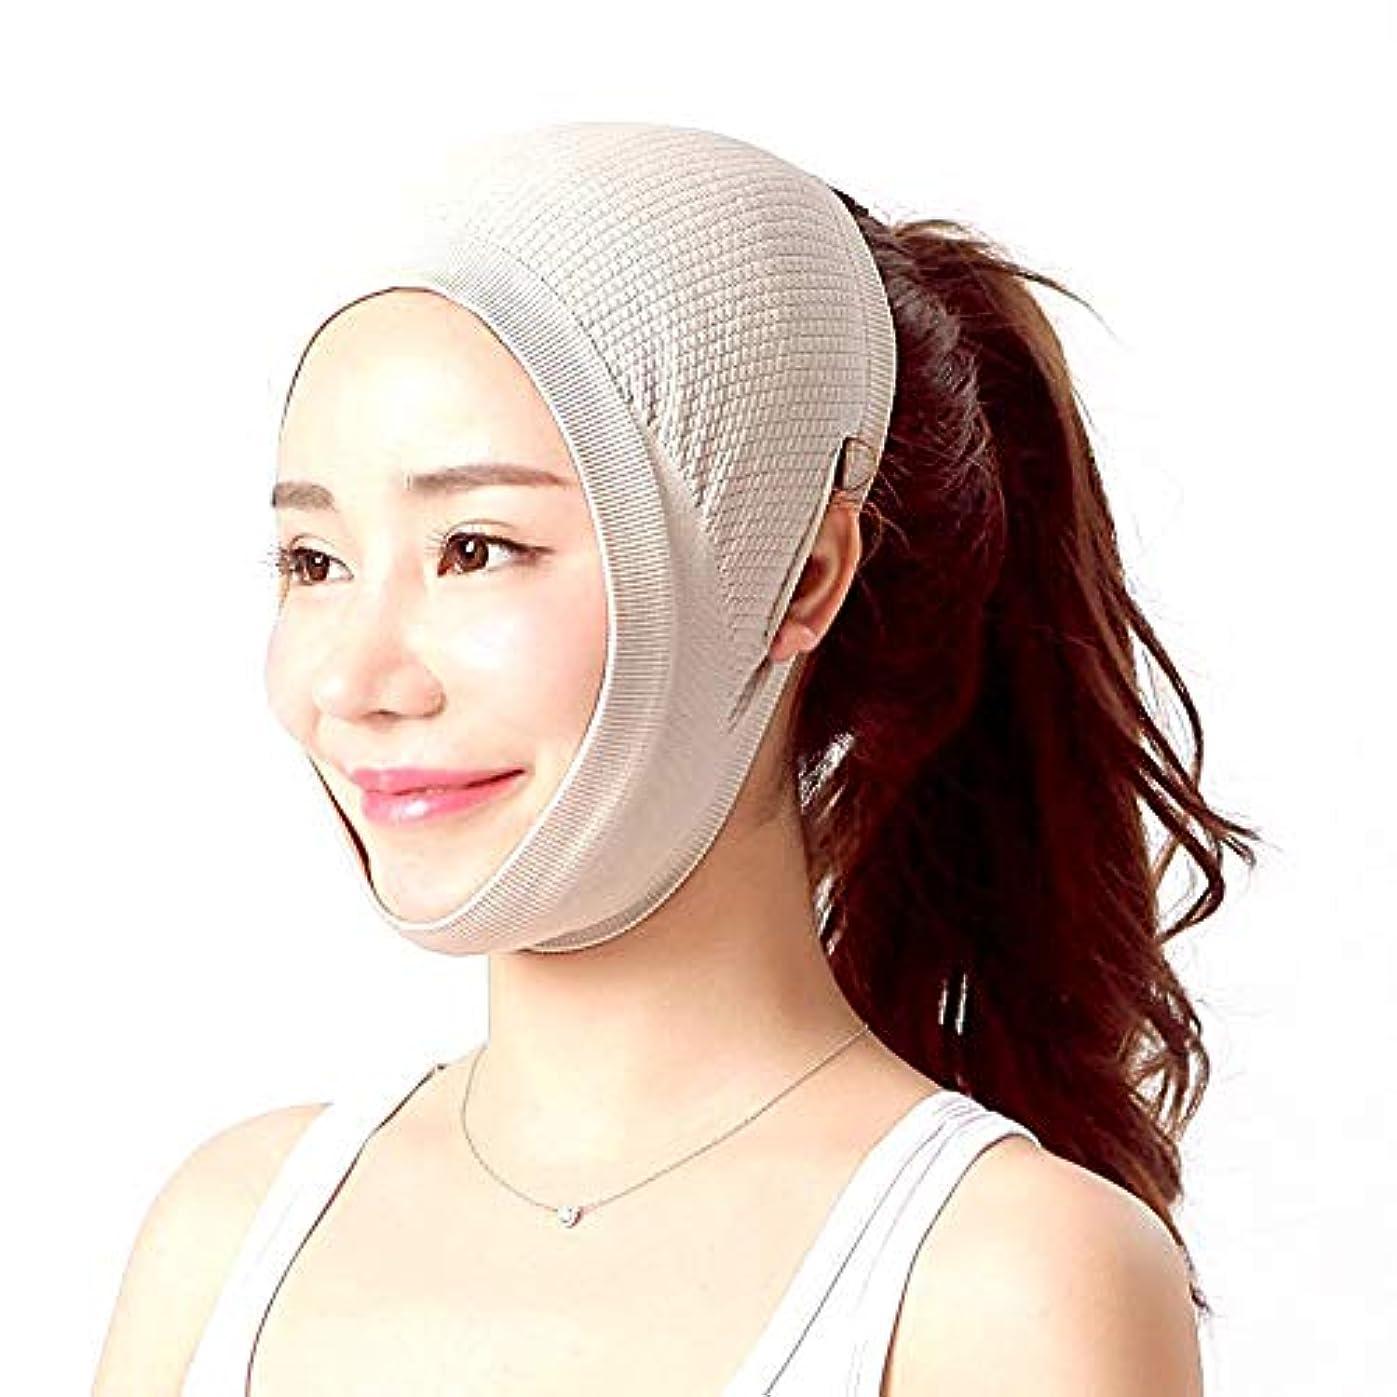 命題項目船形Minmin フェイスリフティングアーティファクト包帯ライン術後回復包帯リフティングフェイスフードVフェイス包帯リフティングVフェイス美容マスク - 肌のトーン みんみんVラインフェイスマスク